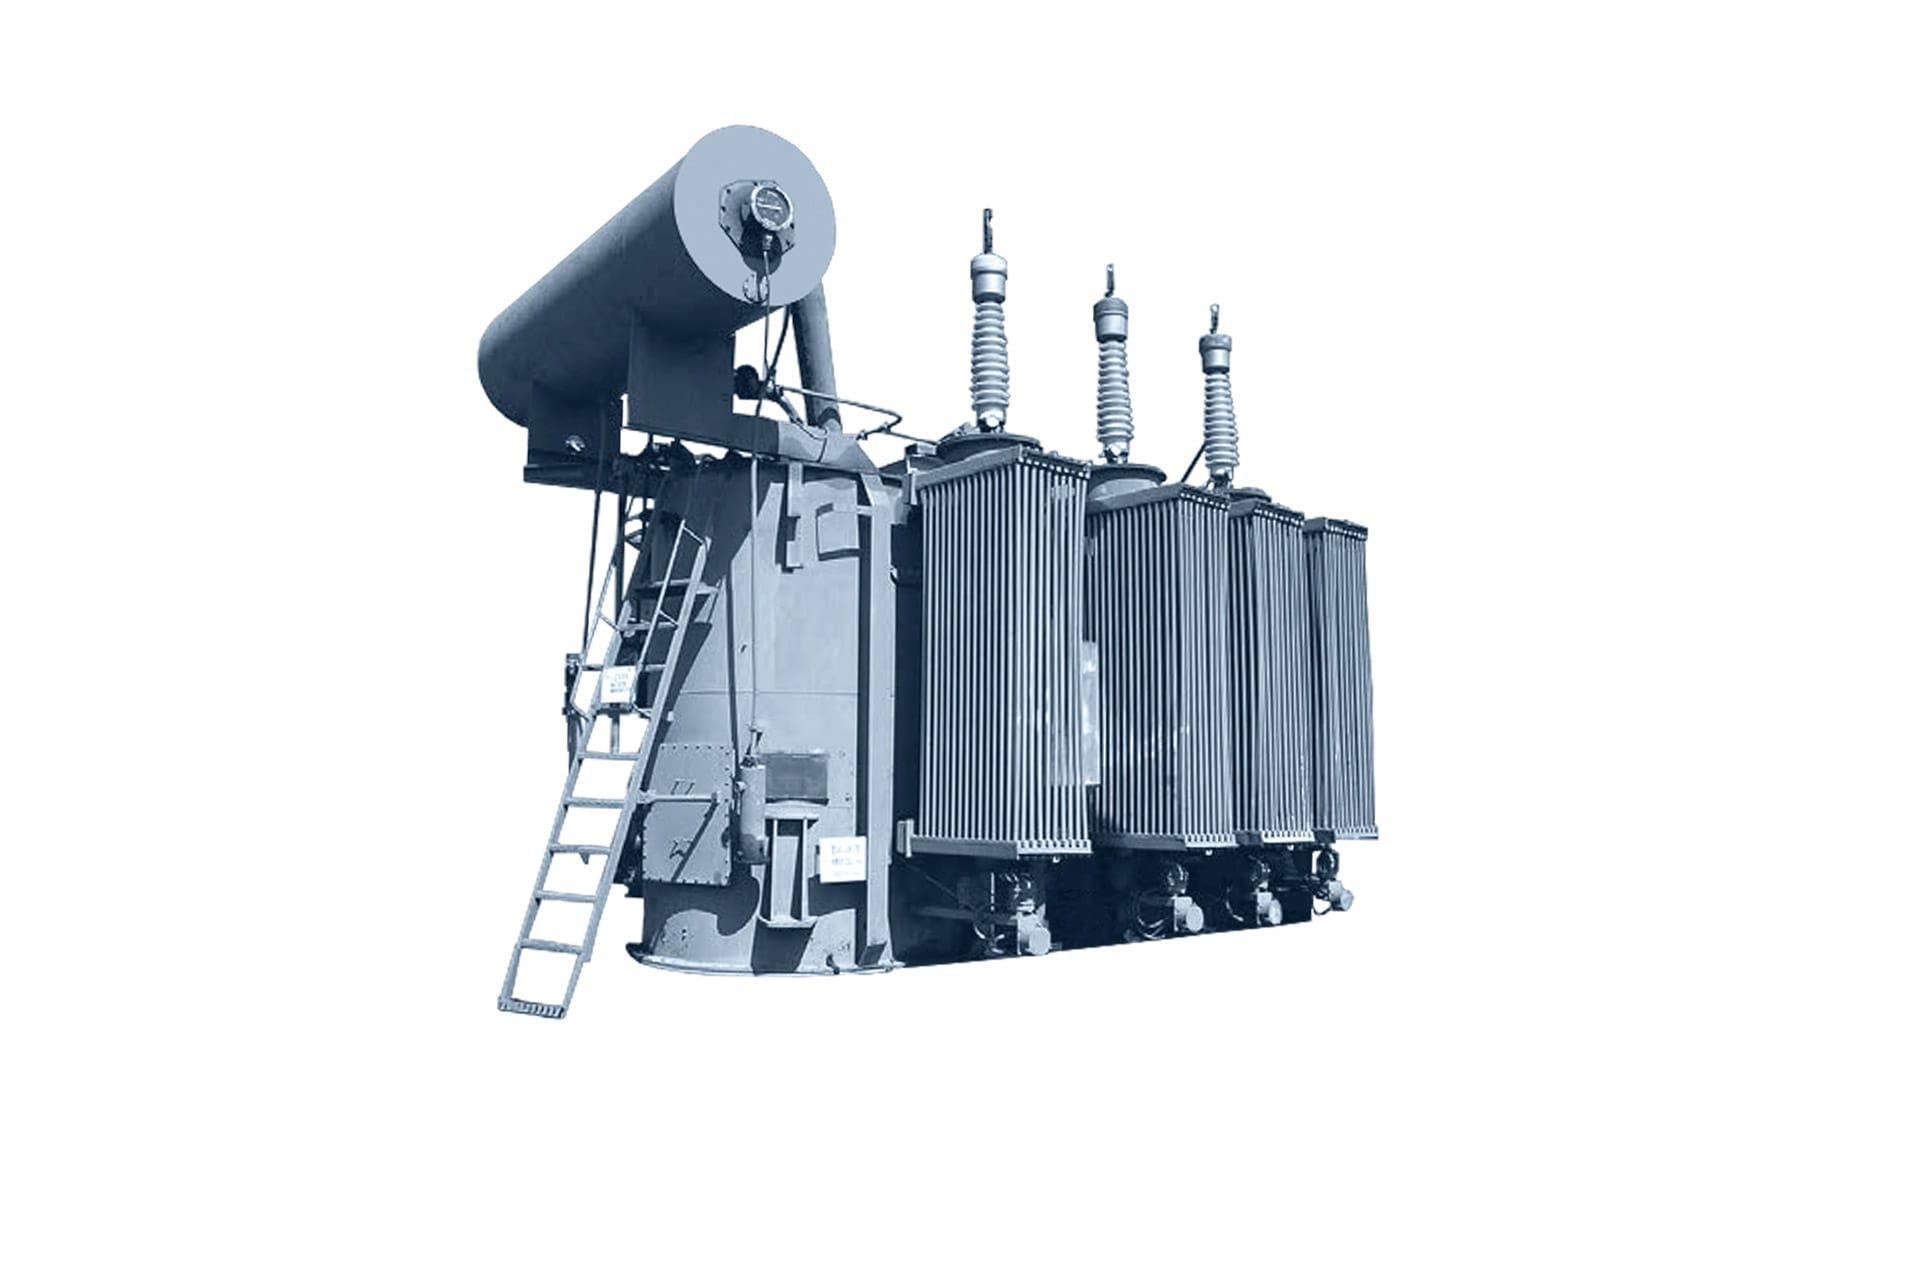 Ensons - Общий вид масляного трансформатора ТМН, ТДН, ТРДН 110 кВ